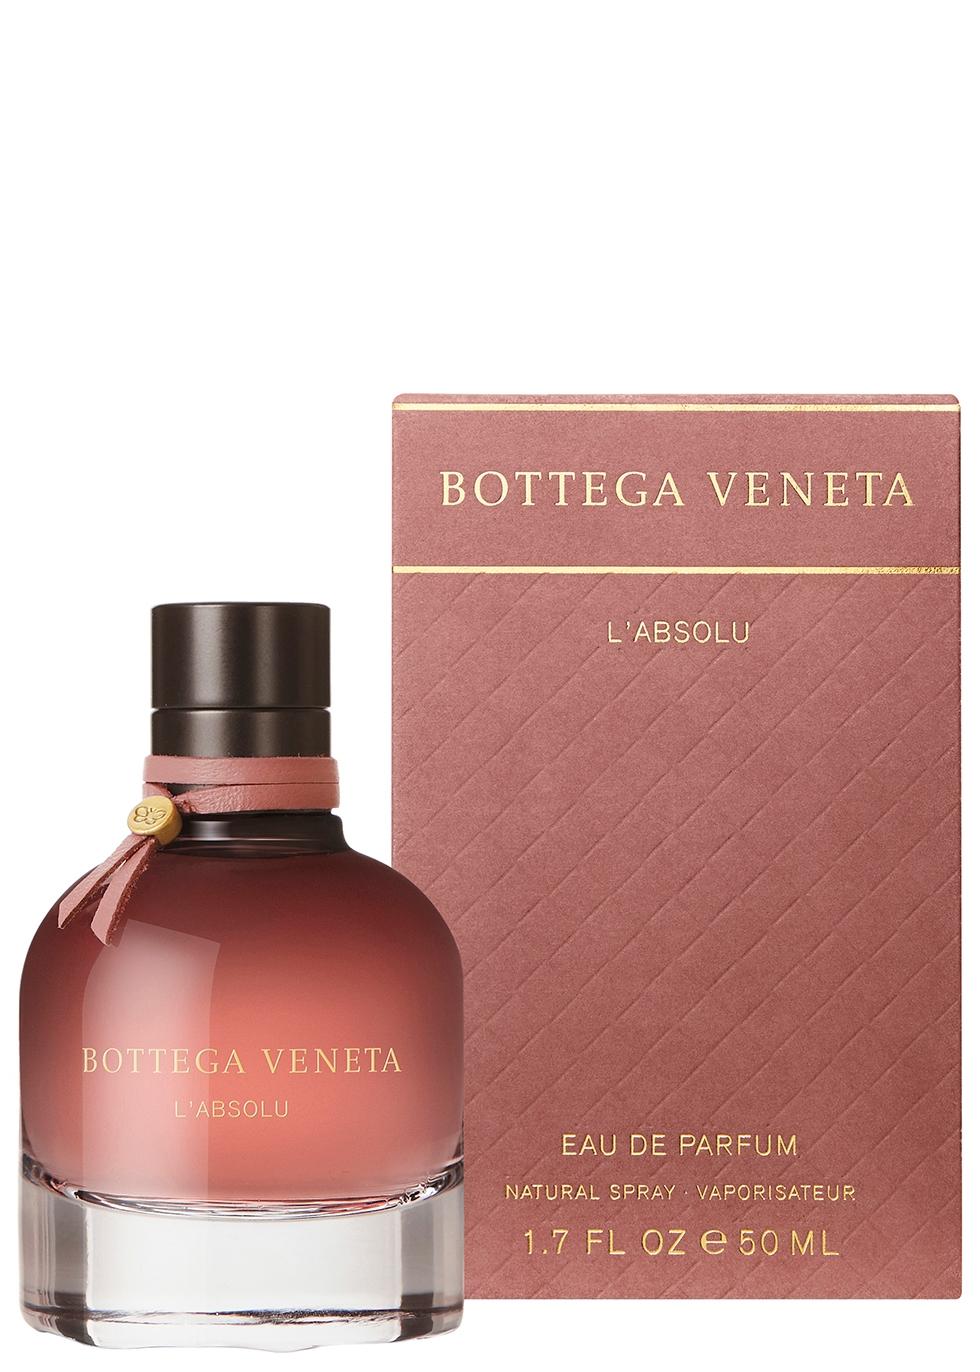 Bottega Veneta L'Absolu Eau De Parfum 50ml - Bottega Veneta